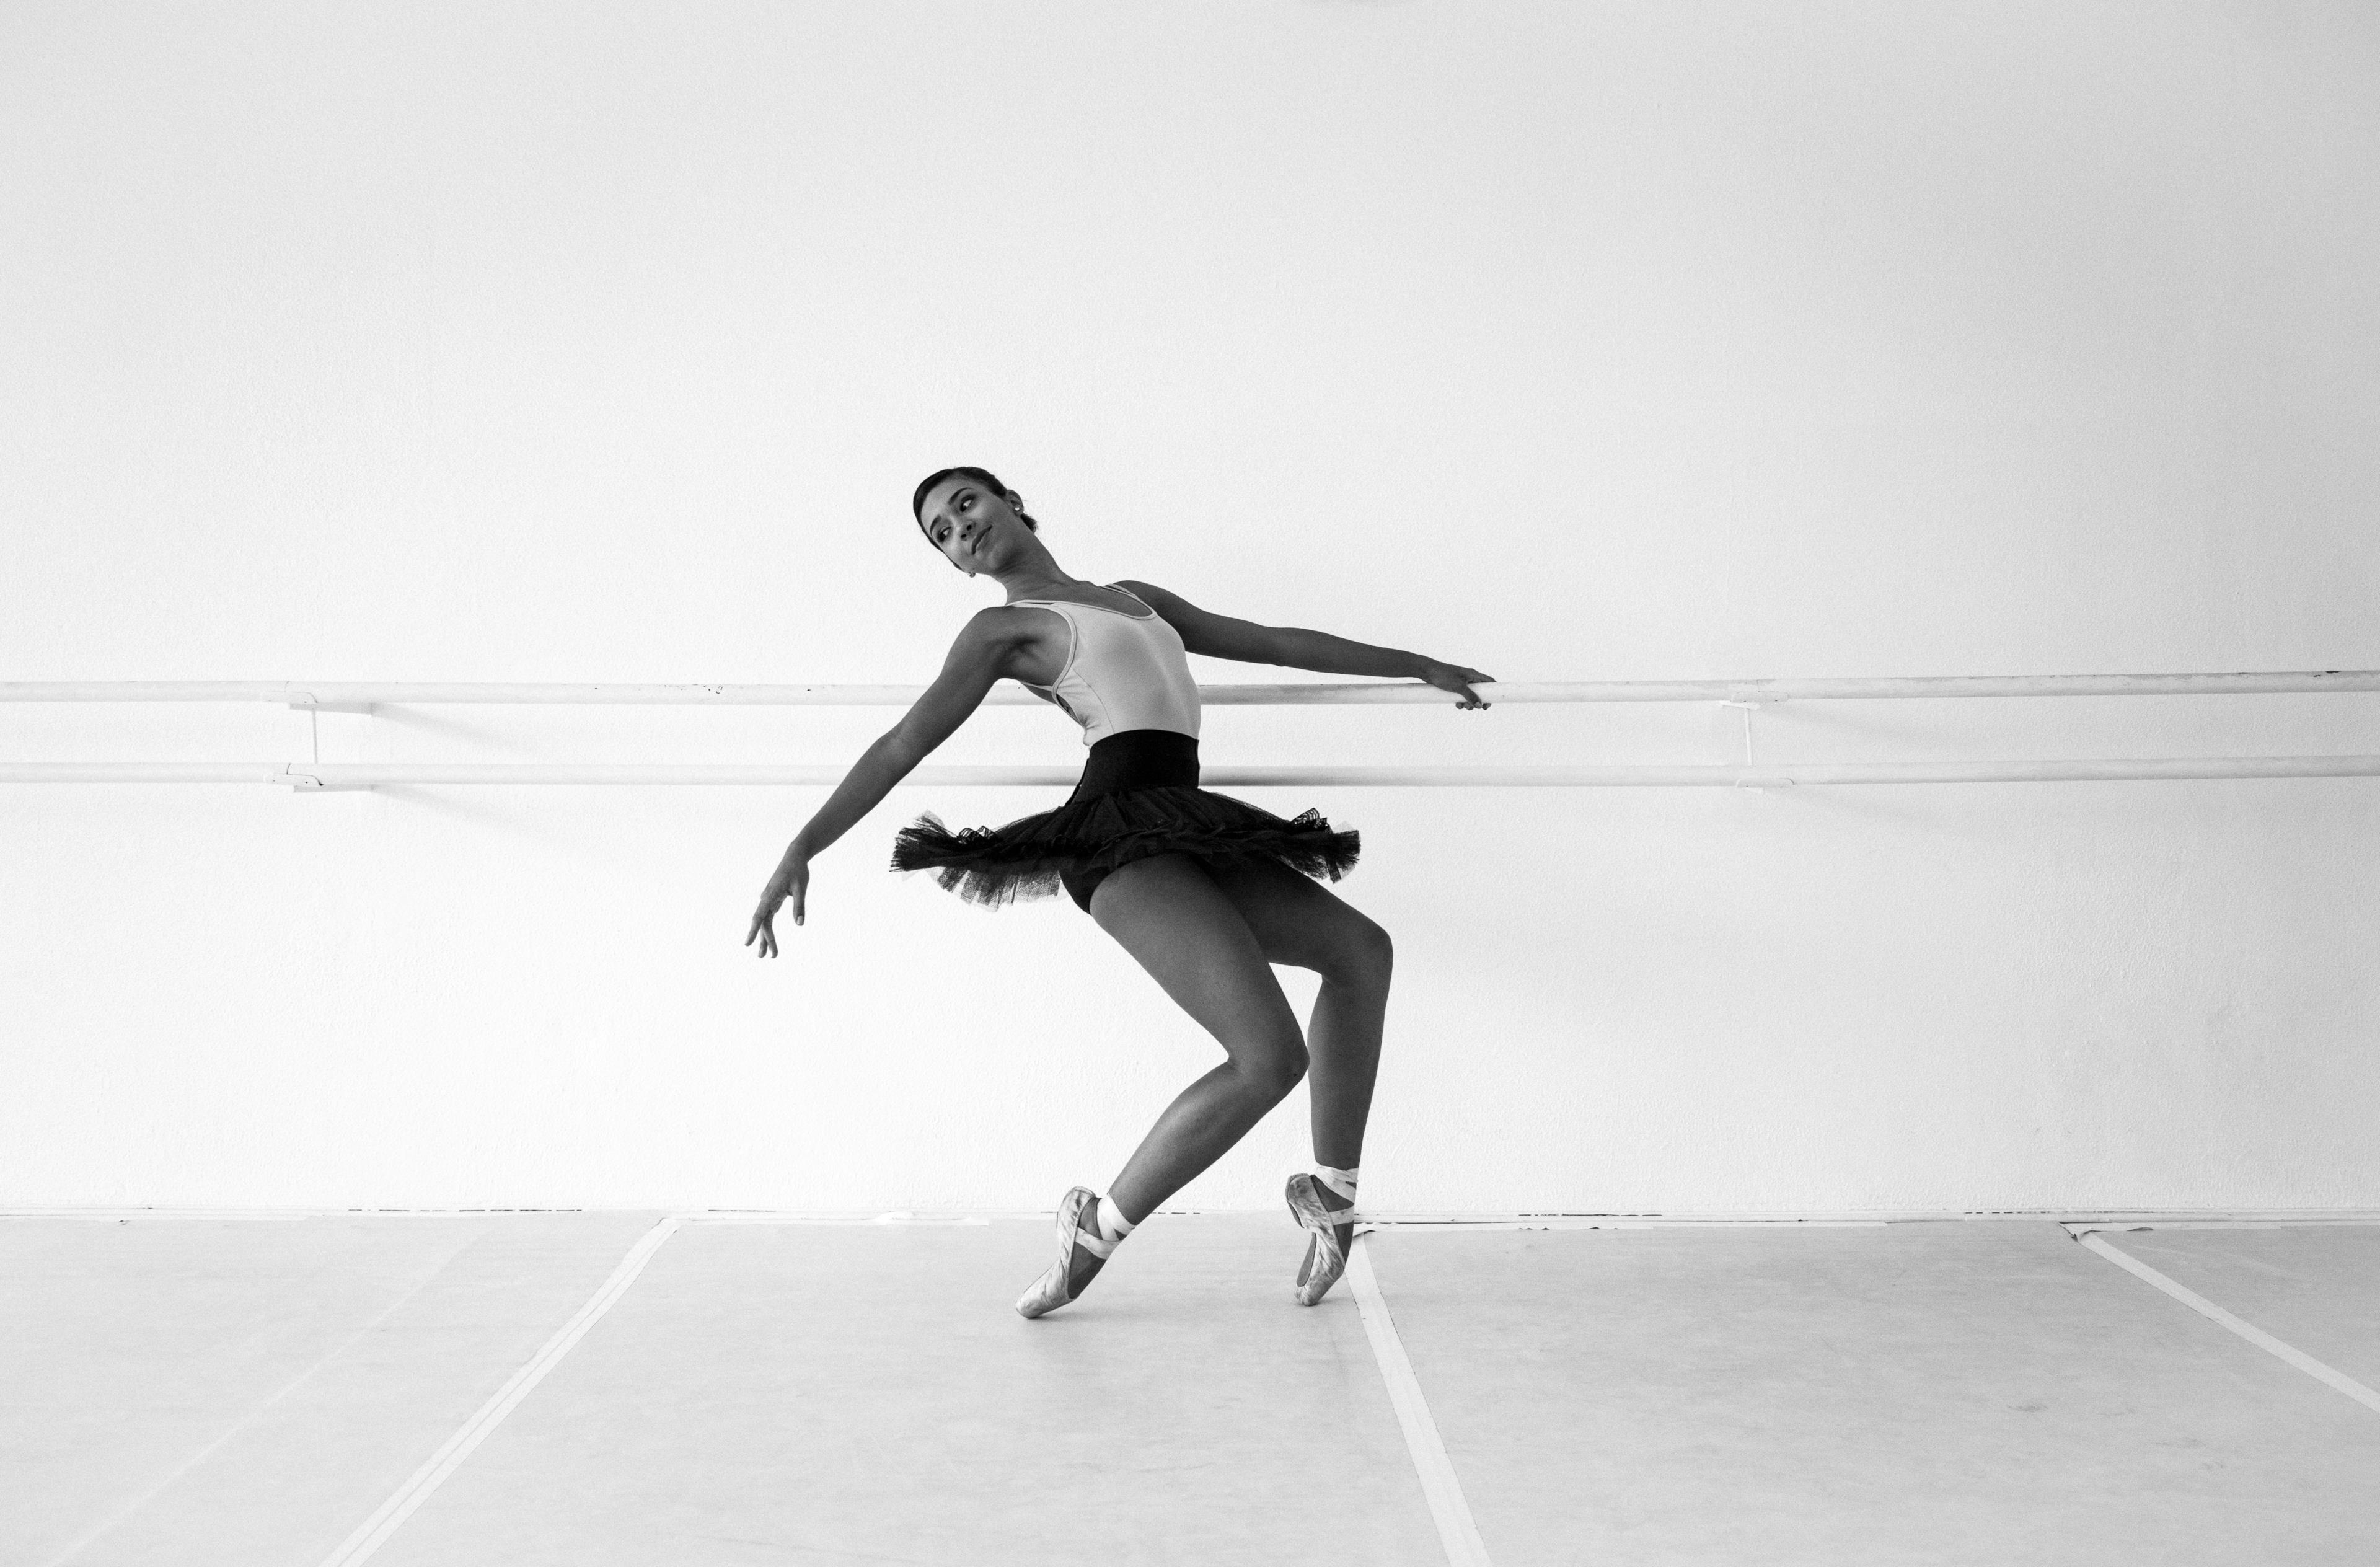 Immagine di copertina frasi sulla danza